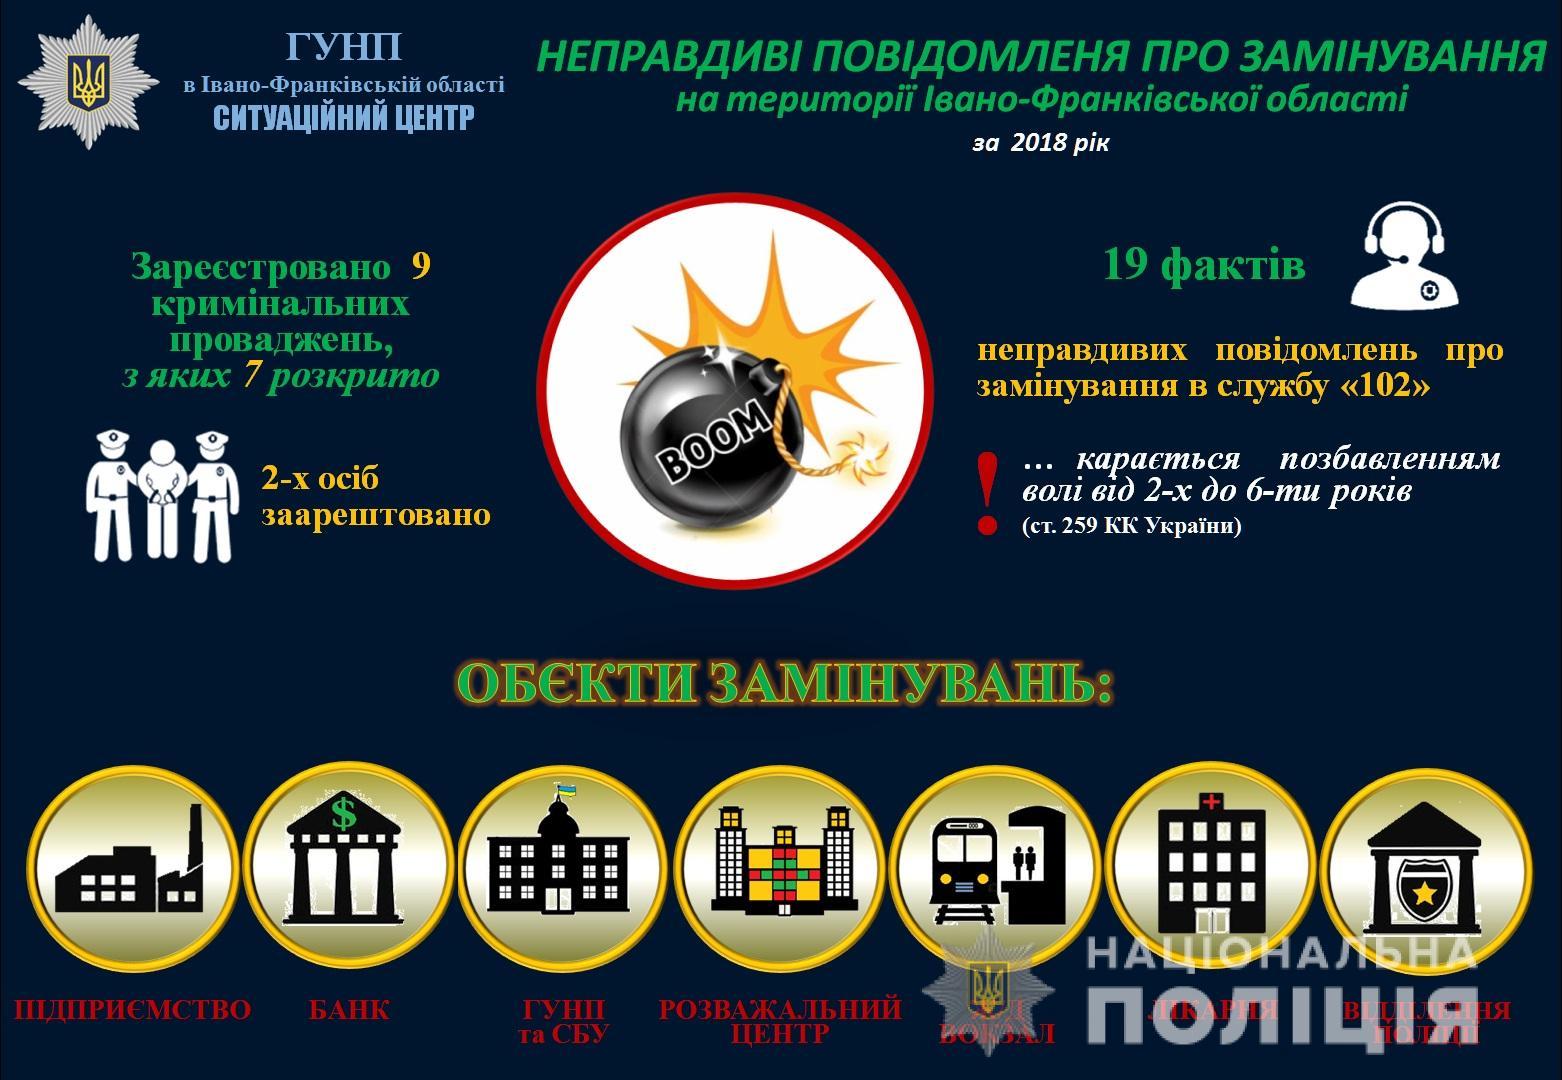 """Минулого року зафіксували 19 випадків """"замінувань"""" об'єктів на Прикарпатті (ІНФОГРАФІКА)"""